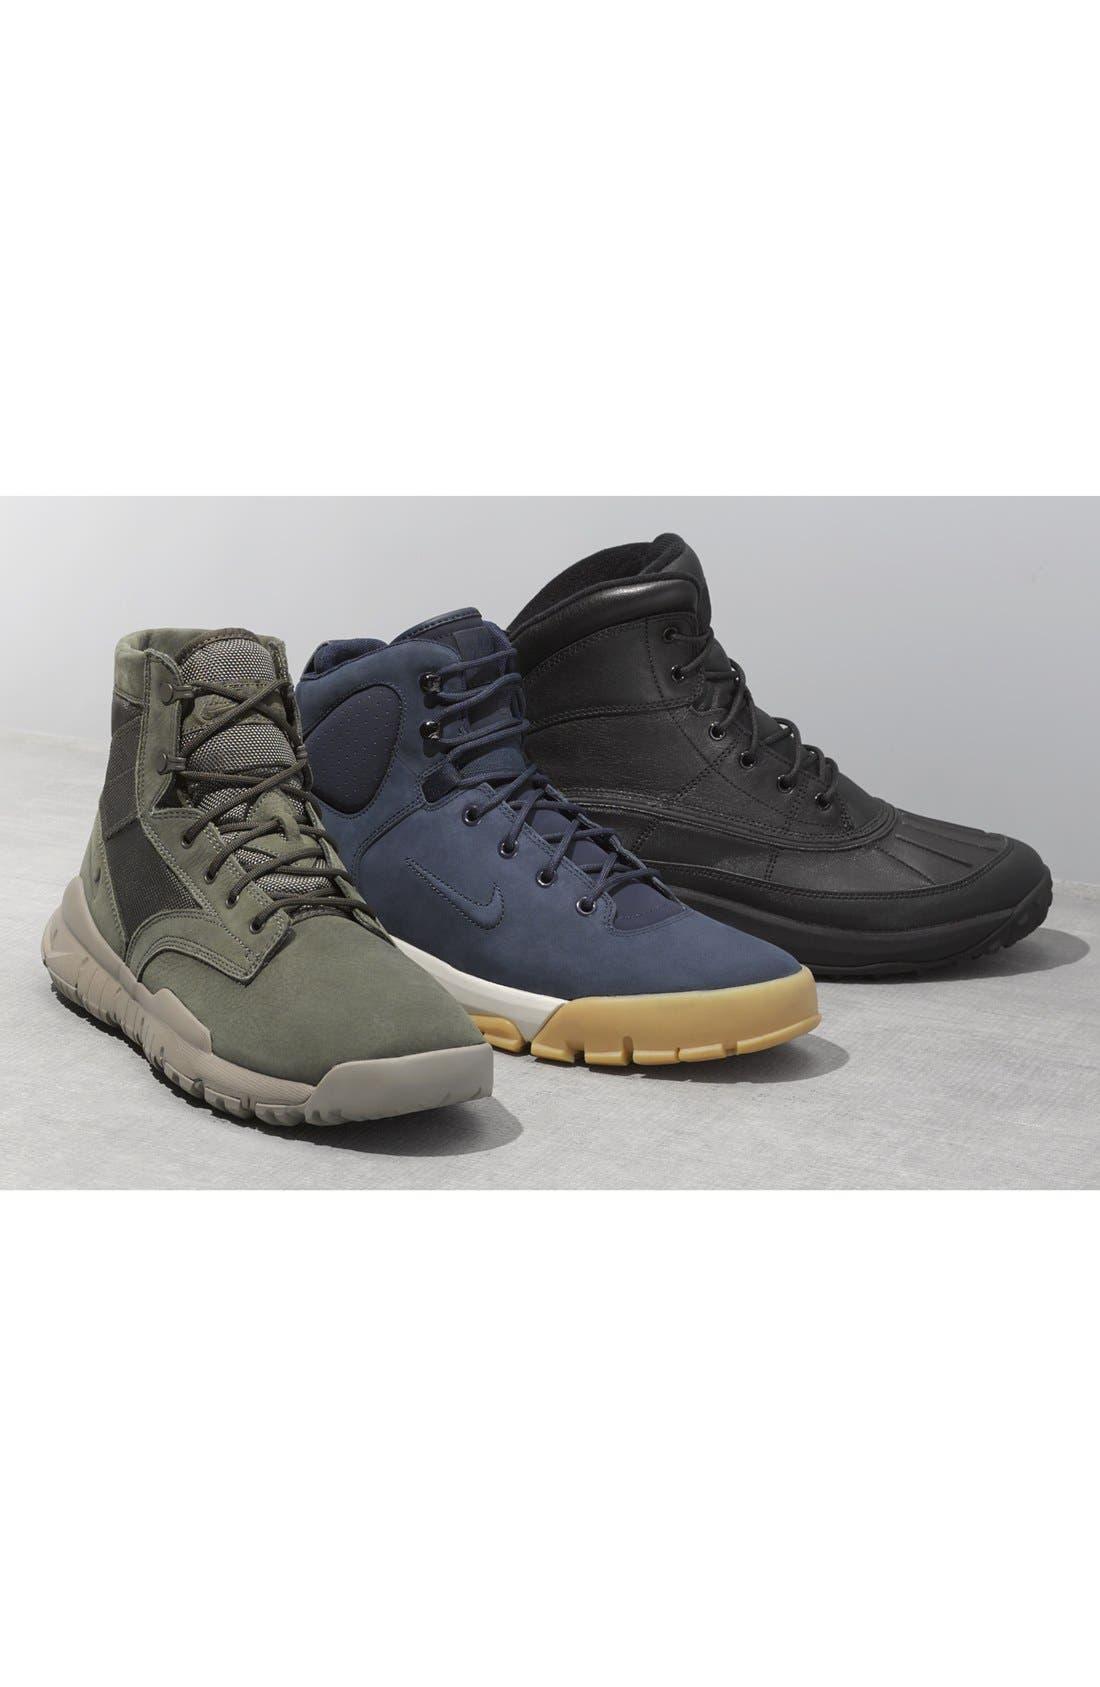 'SFB' Plain Toe Boot,                             Alternate thumbnail 5, color,                             001